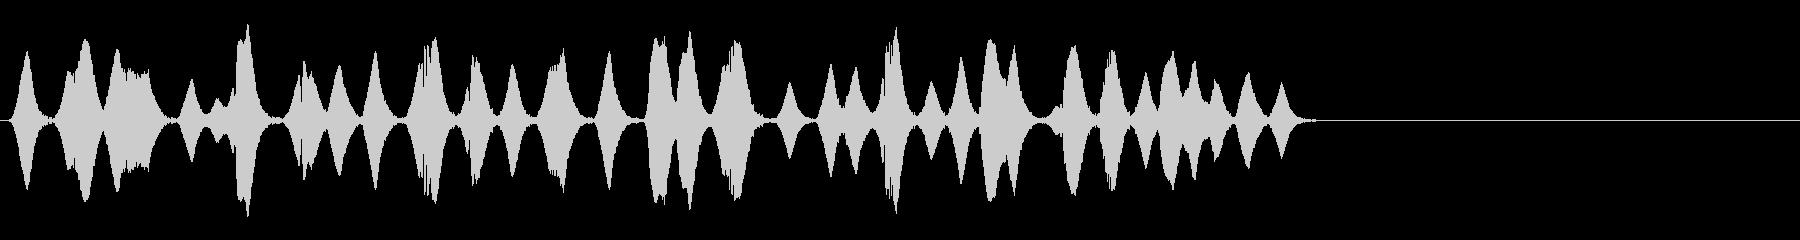 泡/気泡/あぶく/プクプク_001の未再生の波形